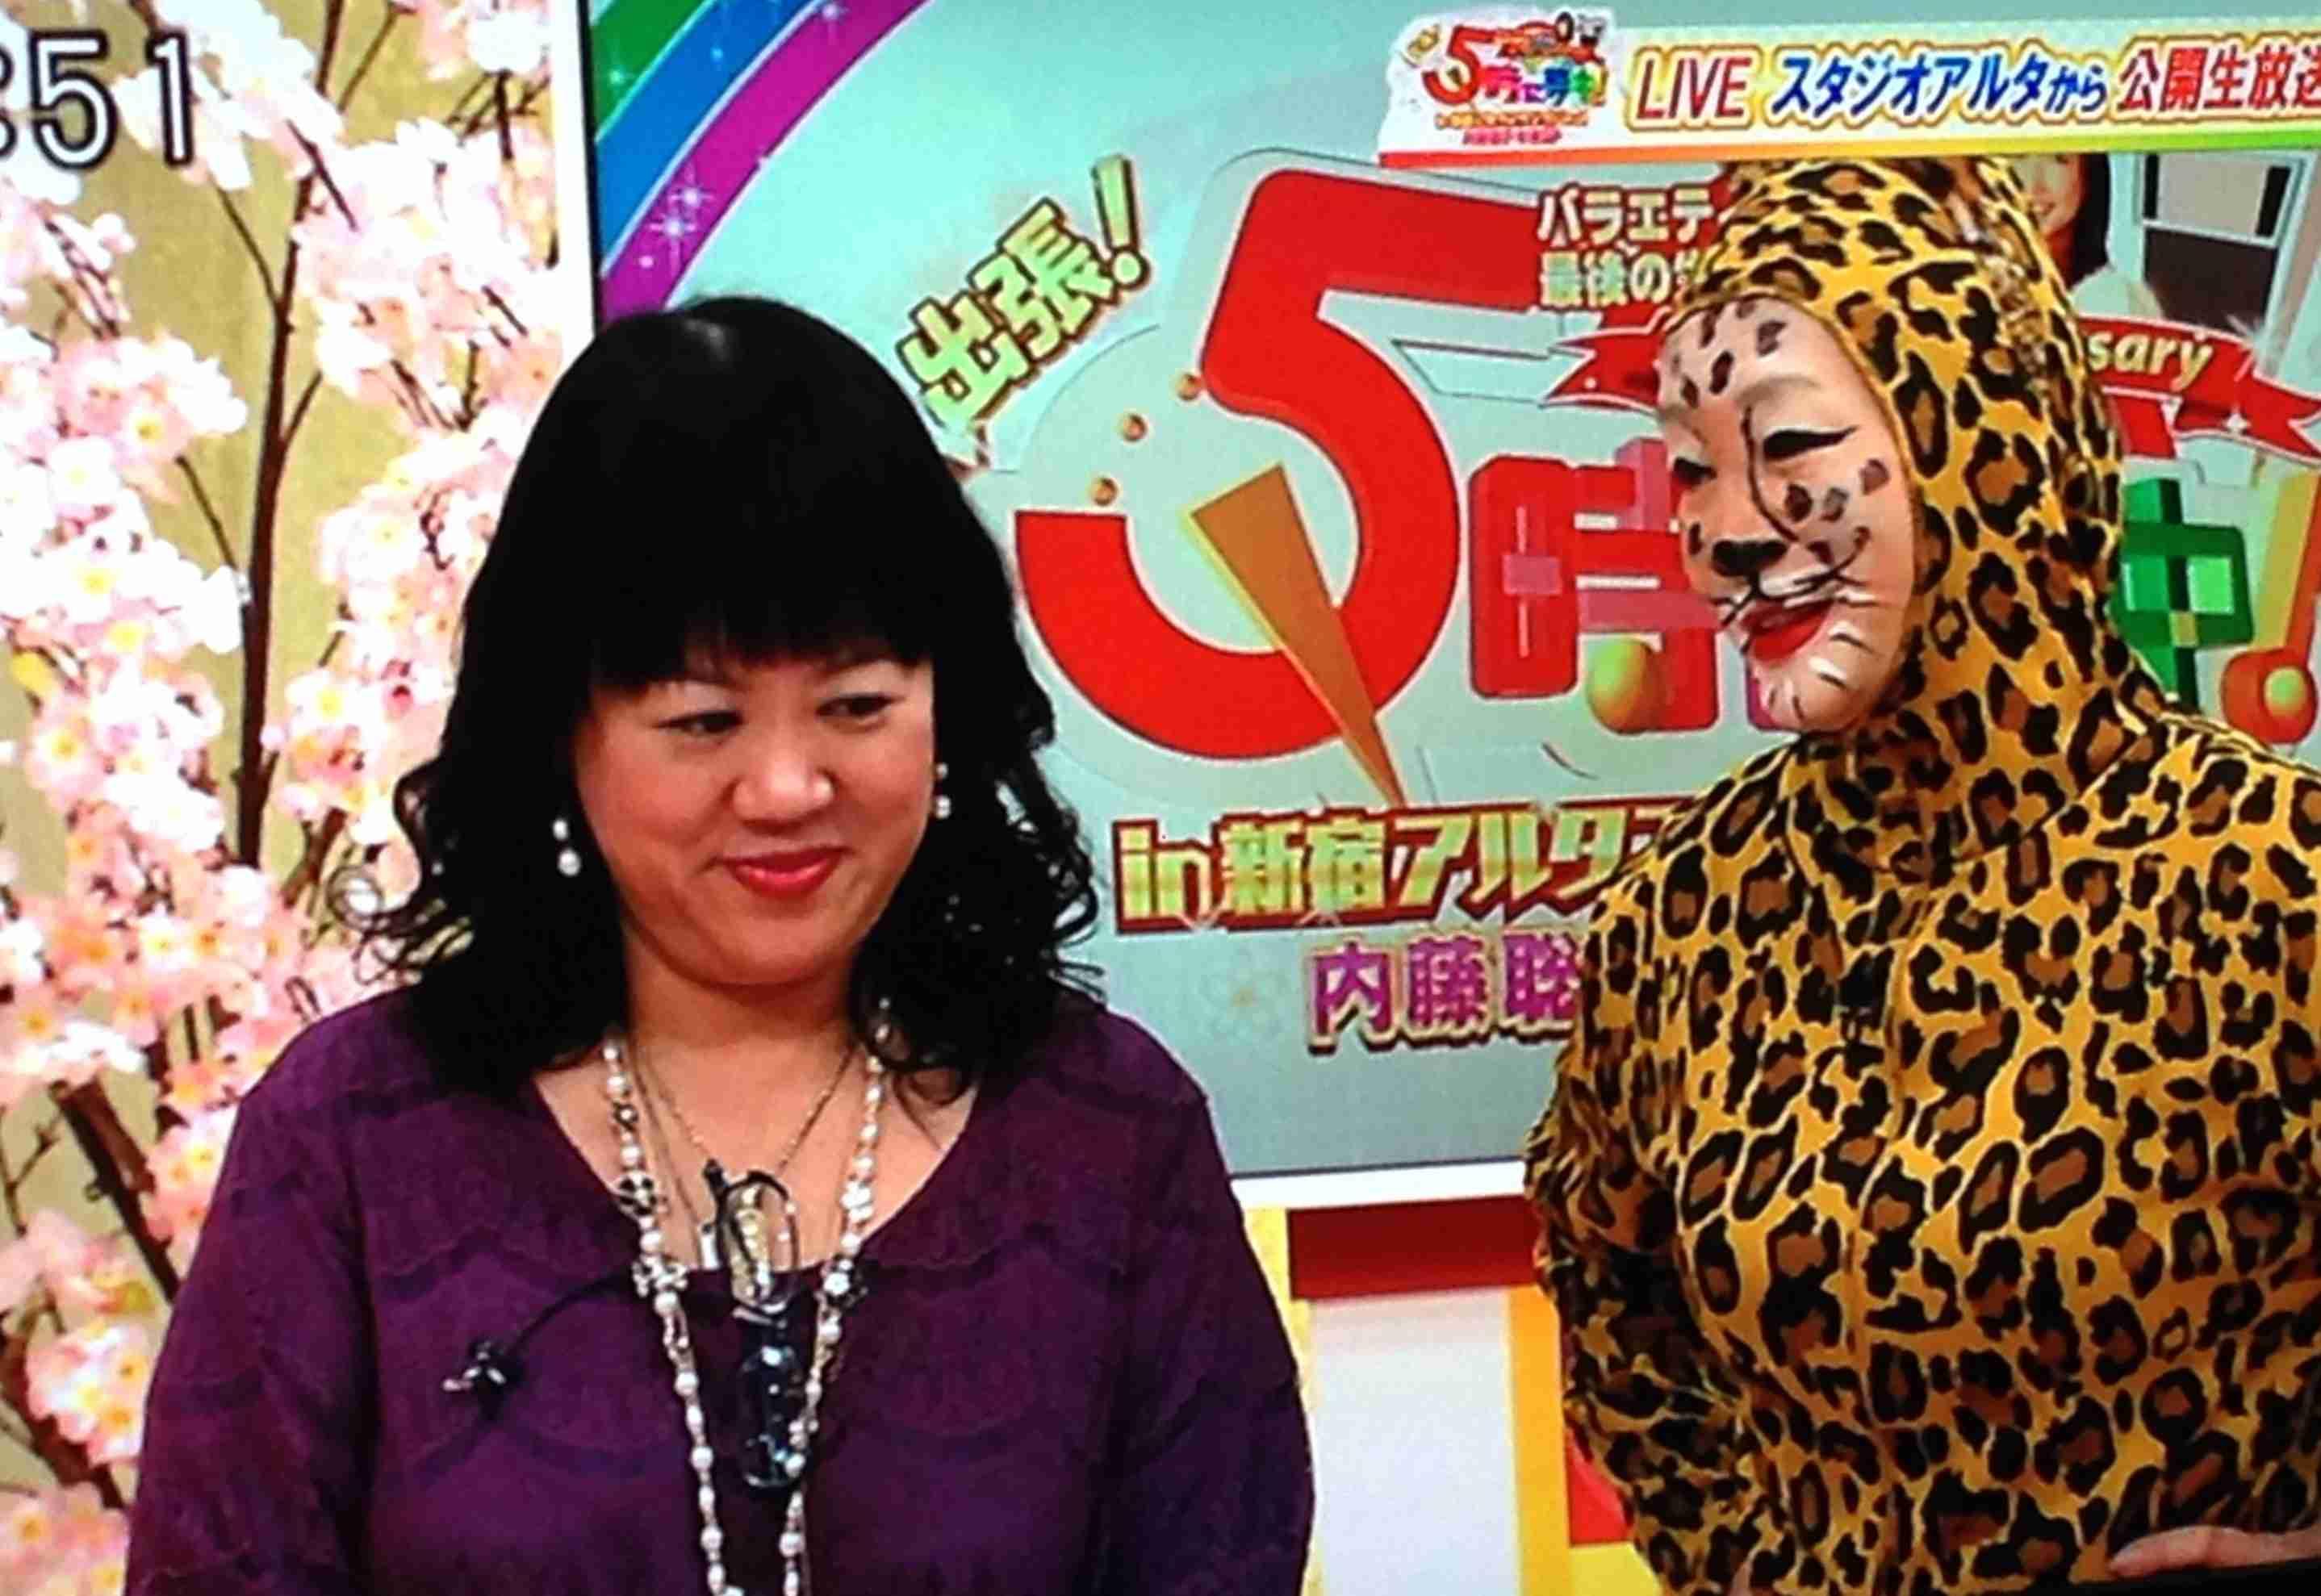 岡本夏生、音信不通の理由は携帯紛失「多大なご迷惑を」